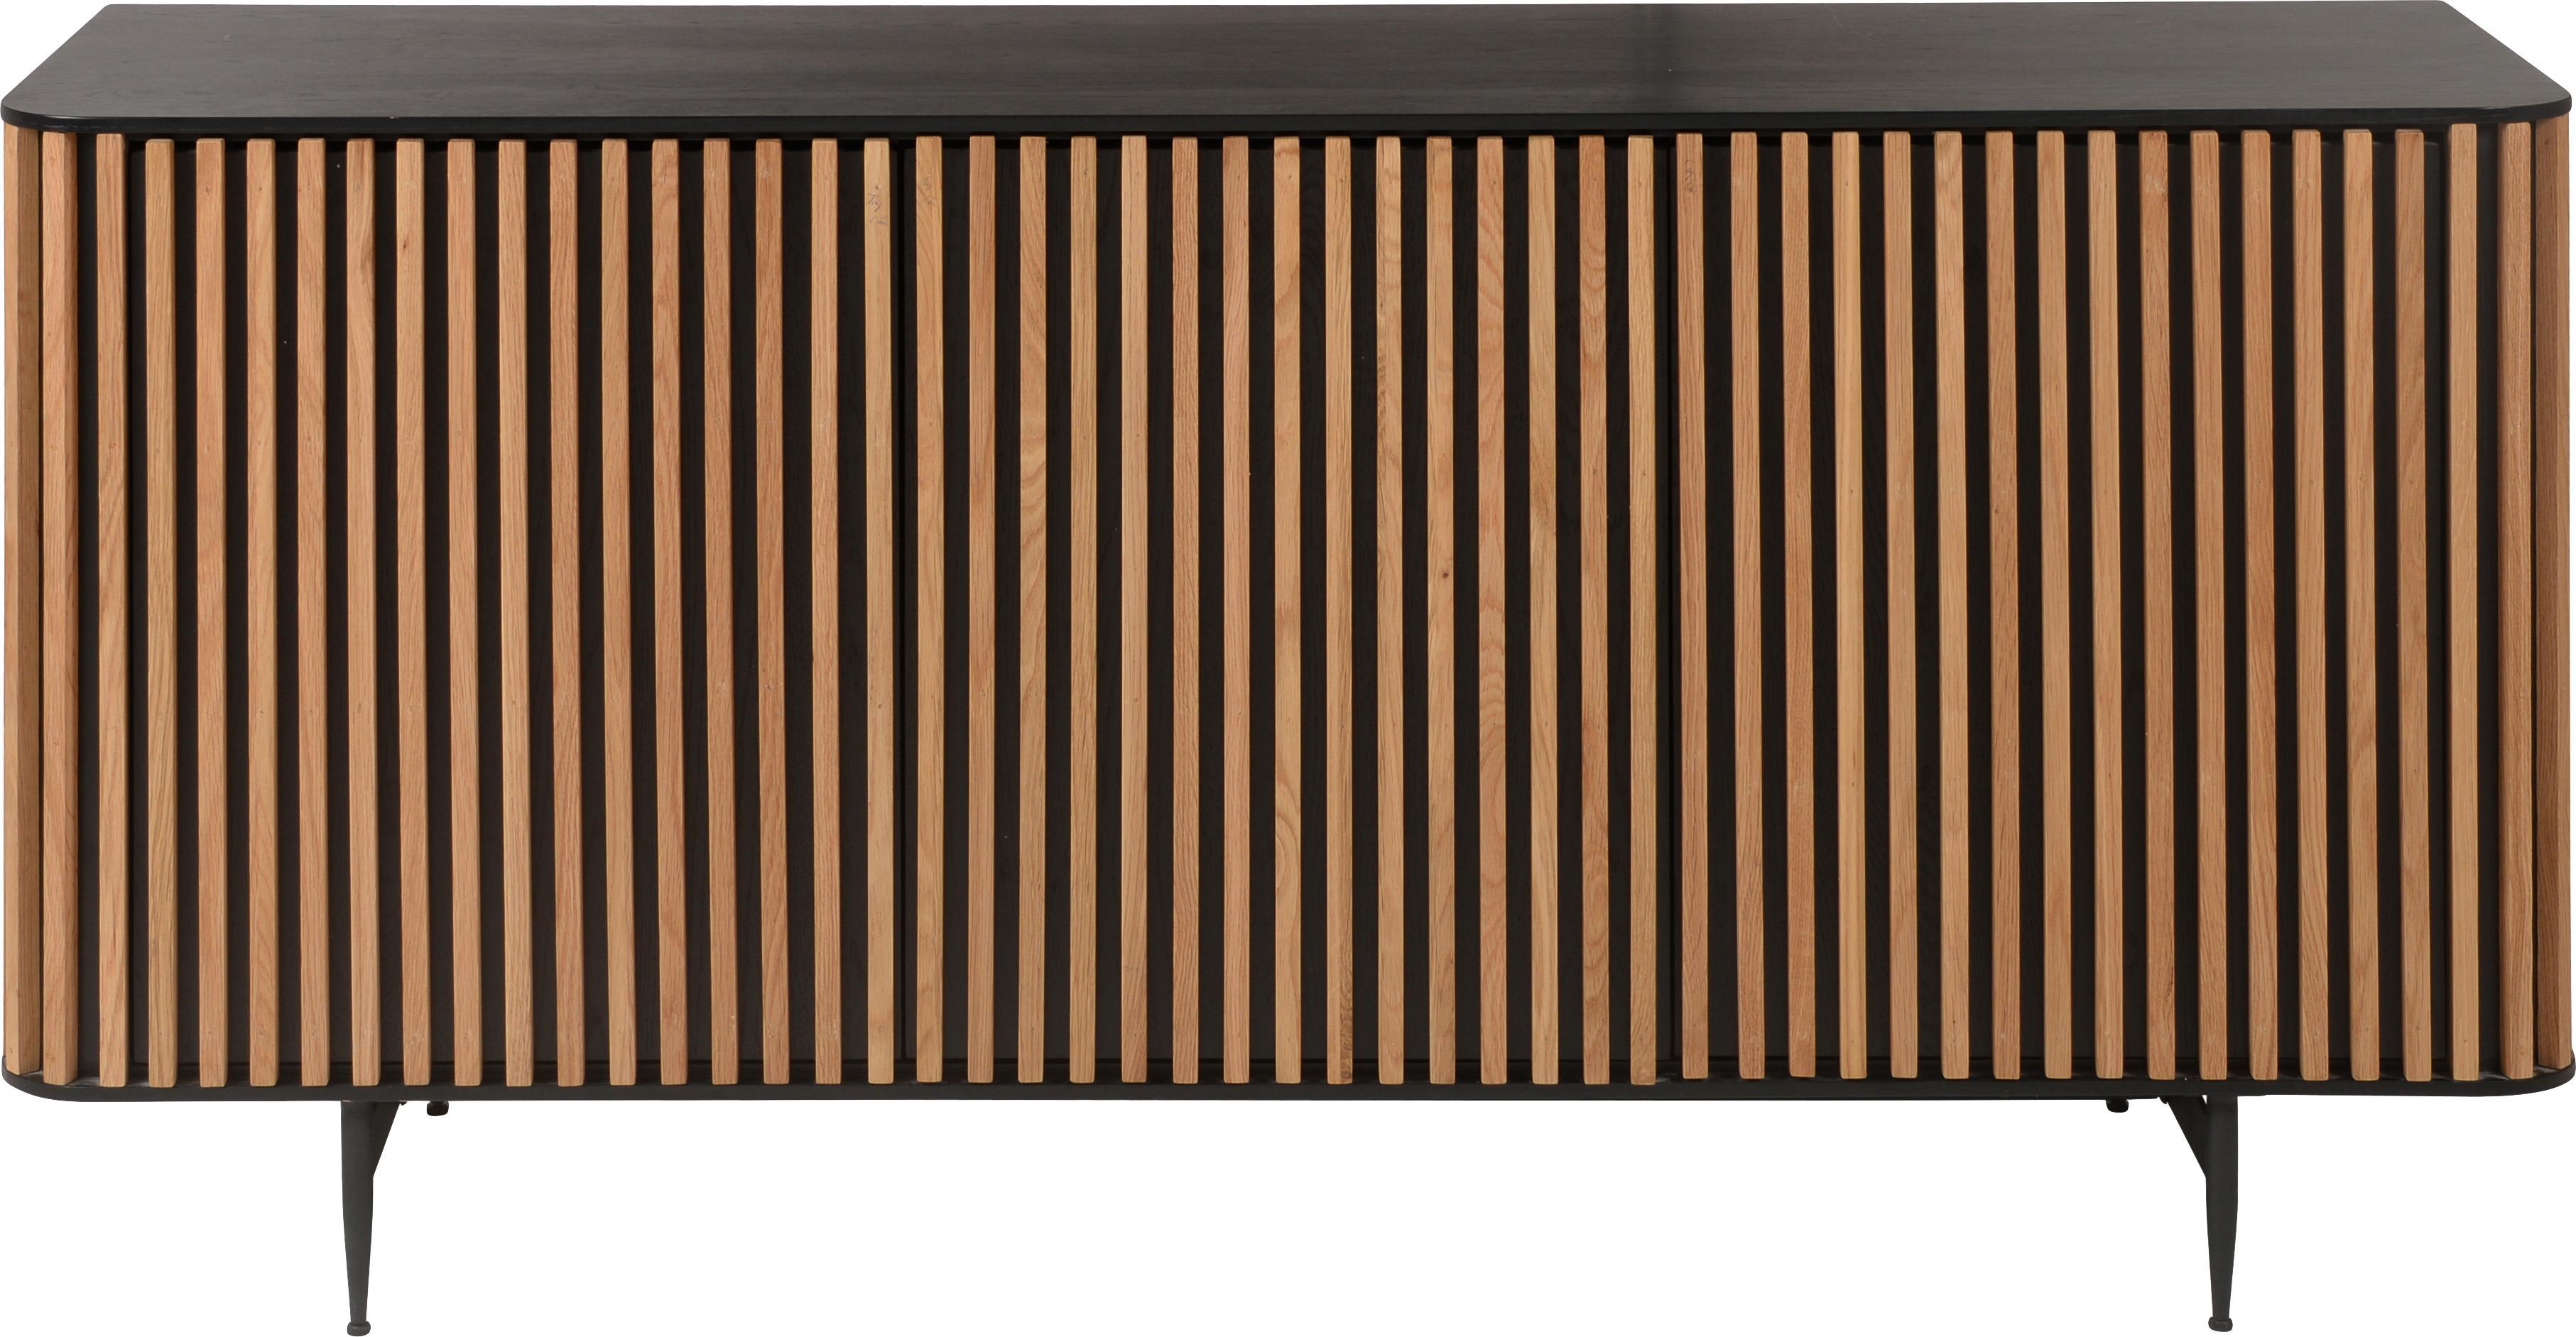 Design-Sideboard Linea mit Eichenholzfurnier, Korpus: Mitteldichte Holzfaserpla, Füße: Metall, lackiert, Schwarz, Eichenholz, 159 x 74 cm